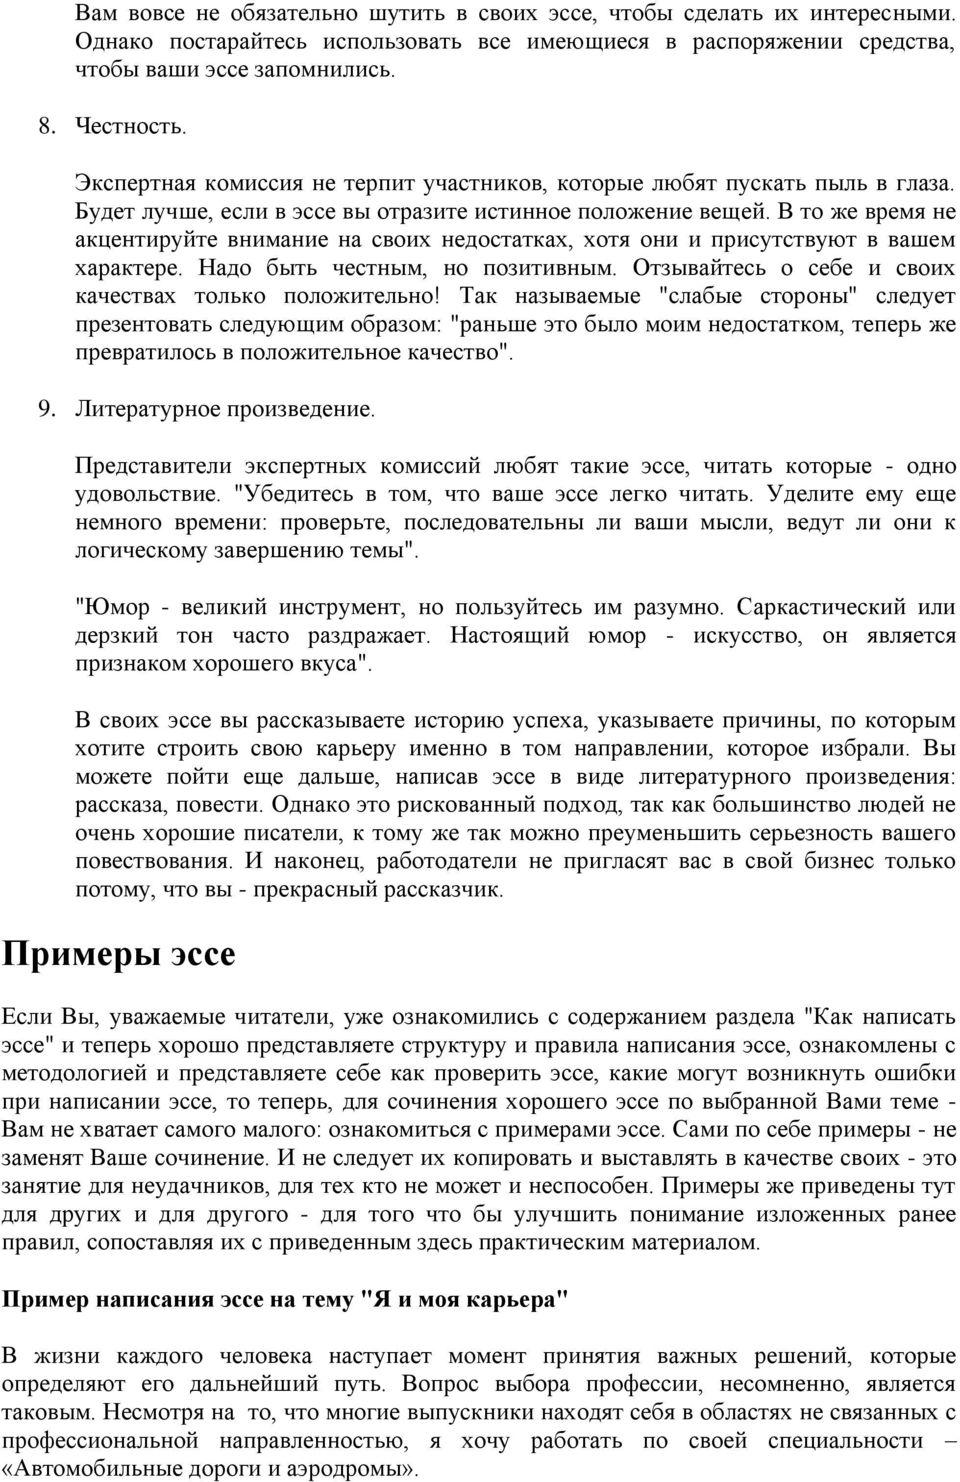 Как писать сочинение рассуждение: как правильно написать работу по русскому языку или литературе на огэ в 9 классе и план для этого